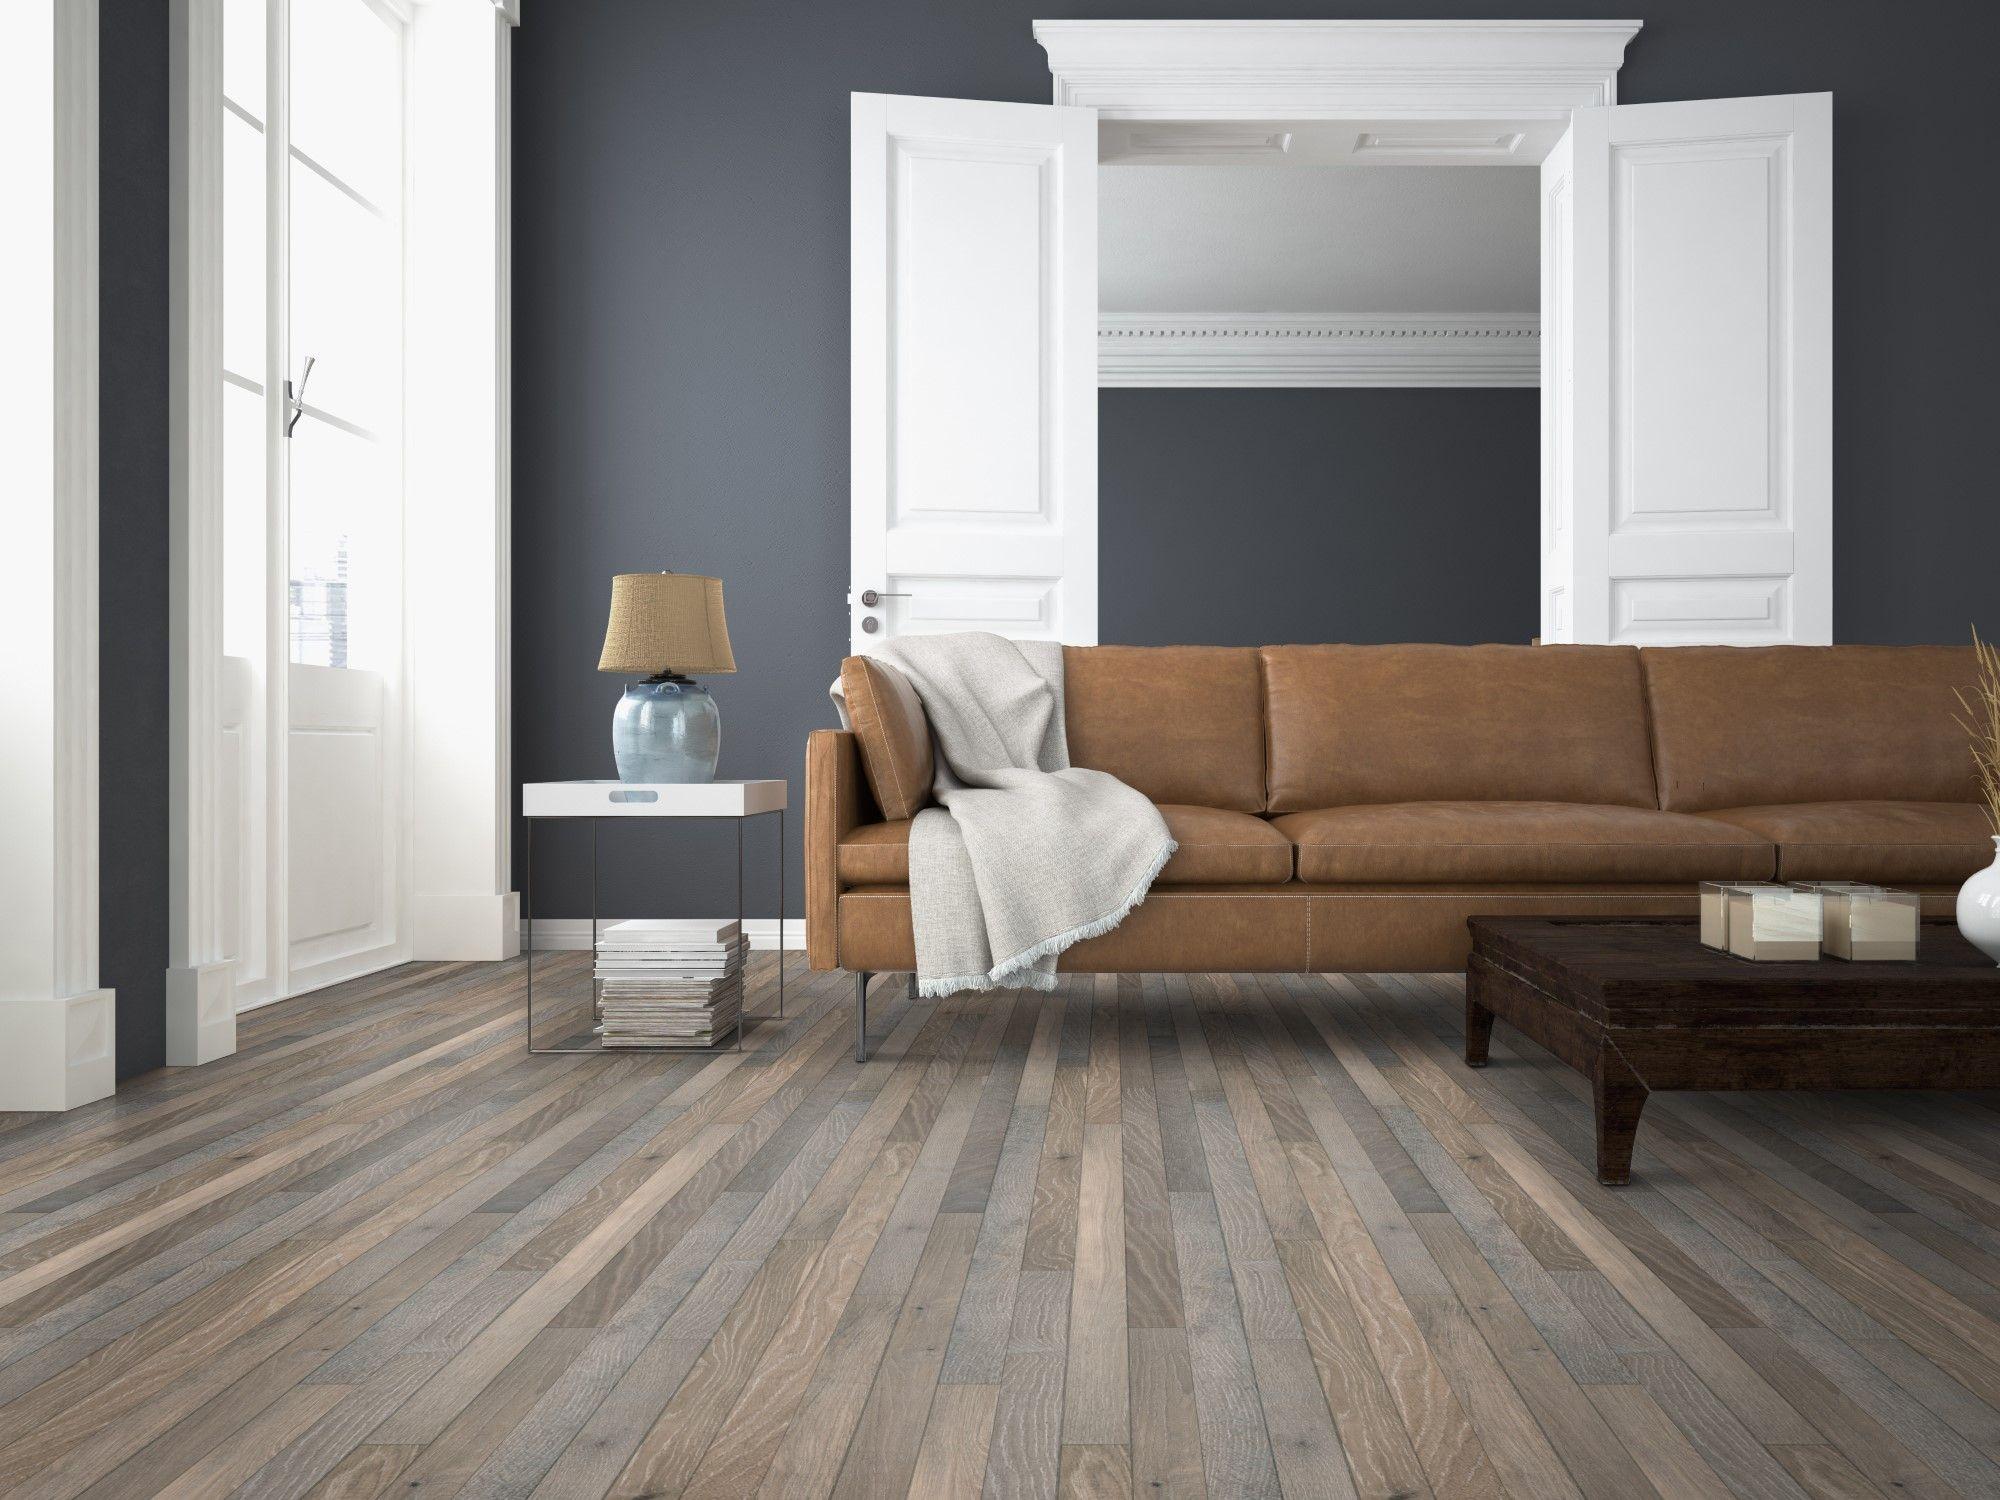 Chisel Hardwood Flooring Living Room Design Modern Home V